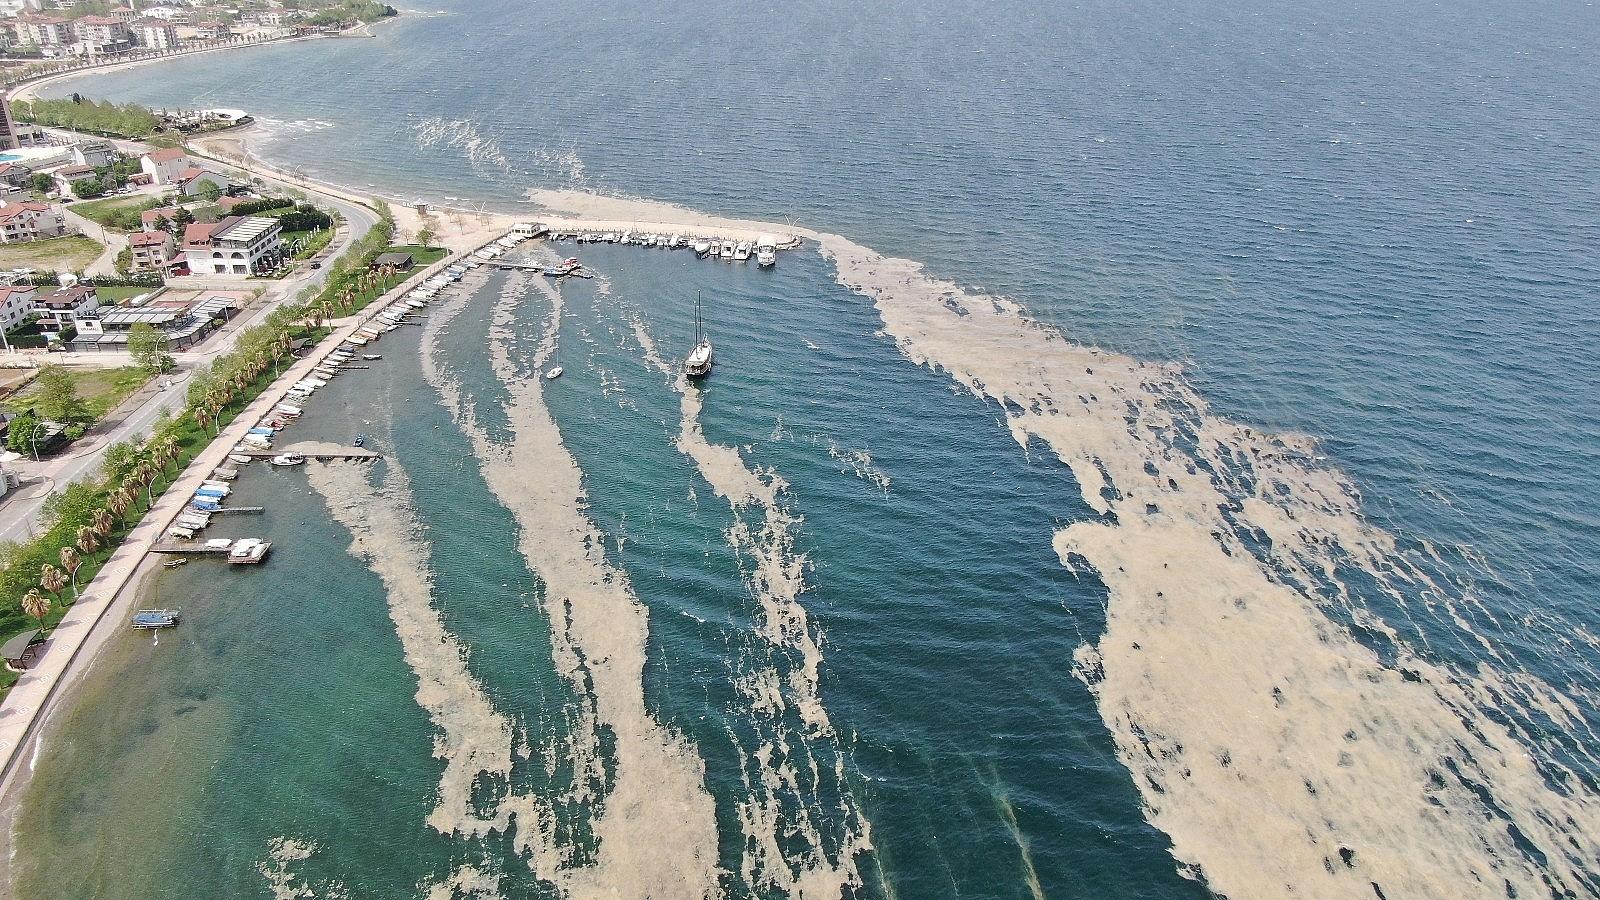 2021/05/izmit-korfezinde-deniz-salyasi-istilasi-artarak-devam-ediyor-20210503AW31-1.jpg